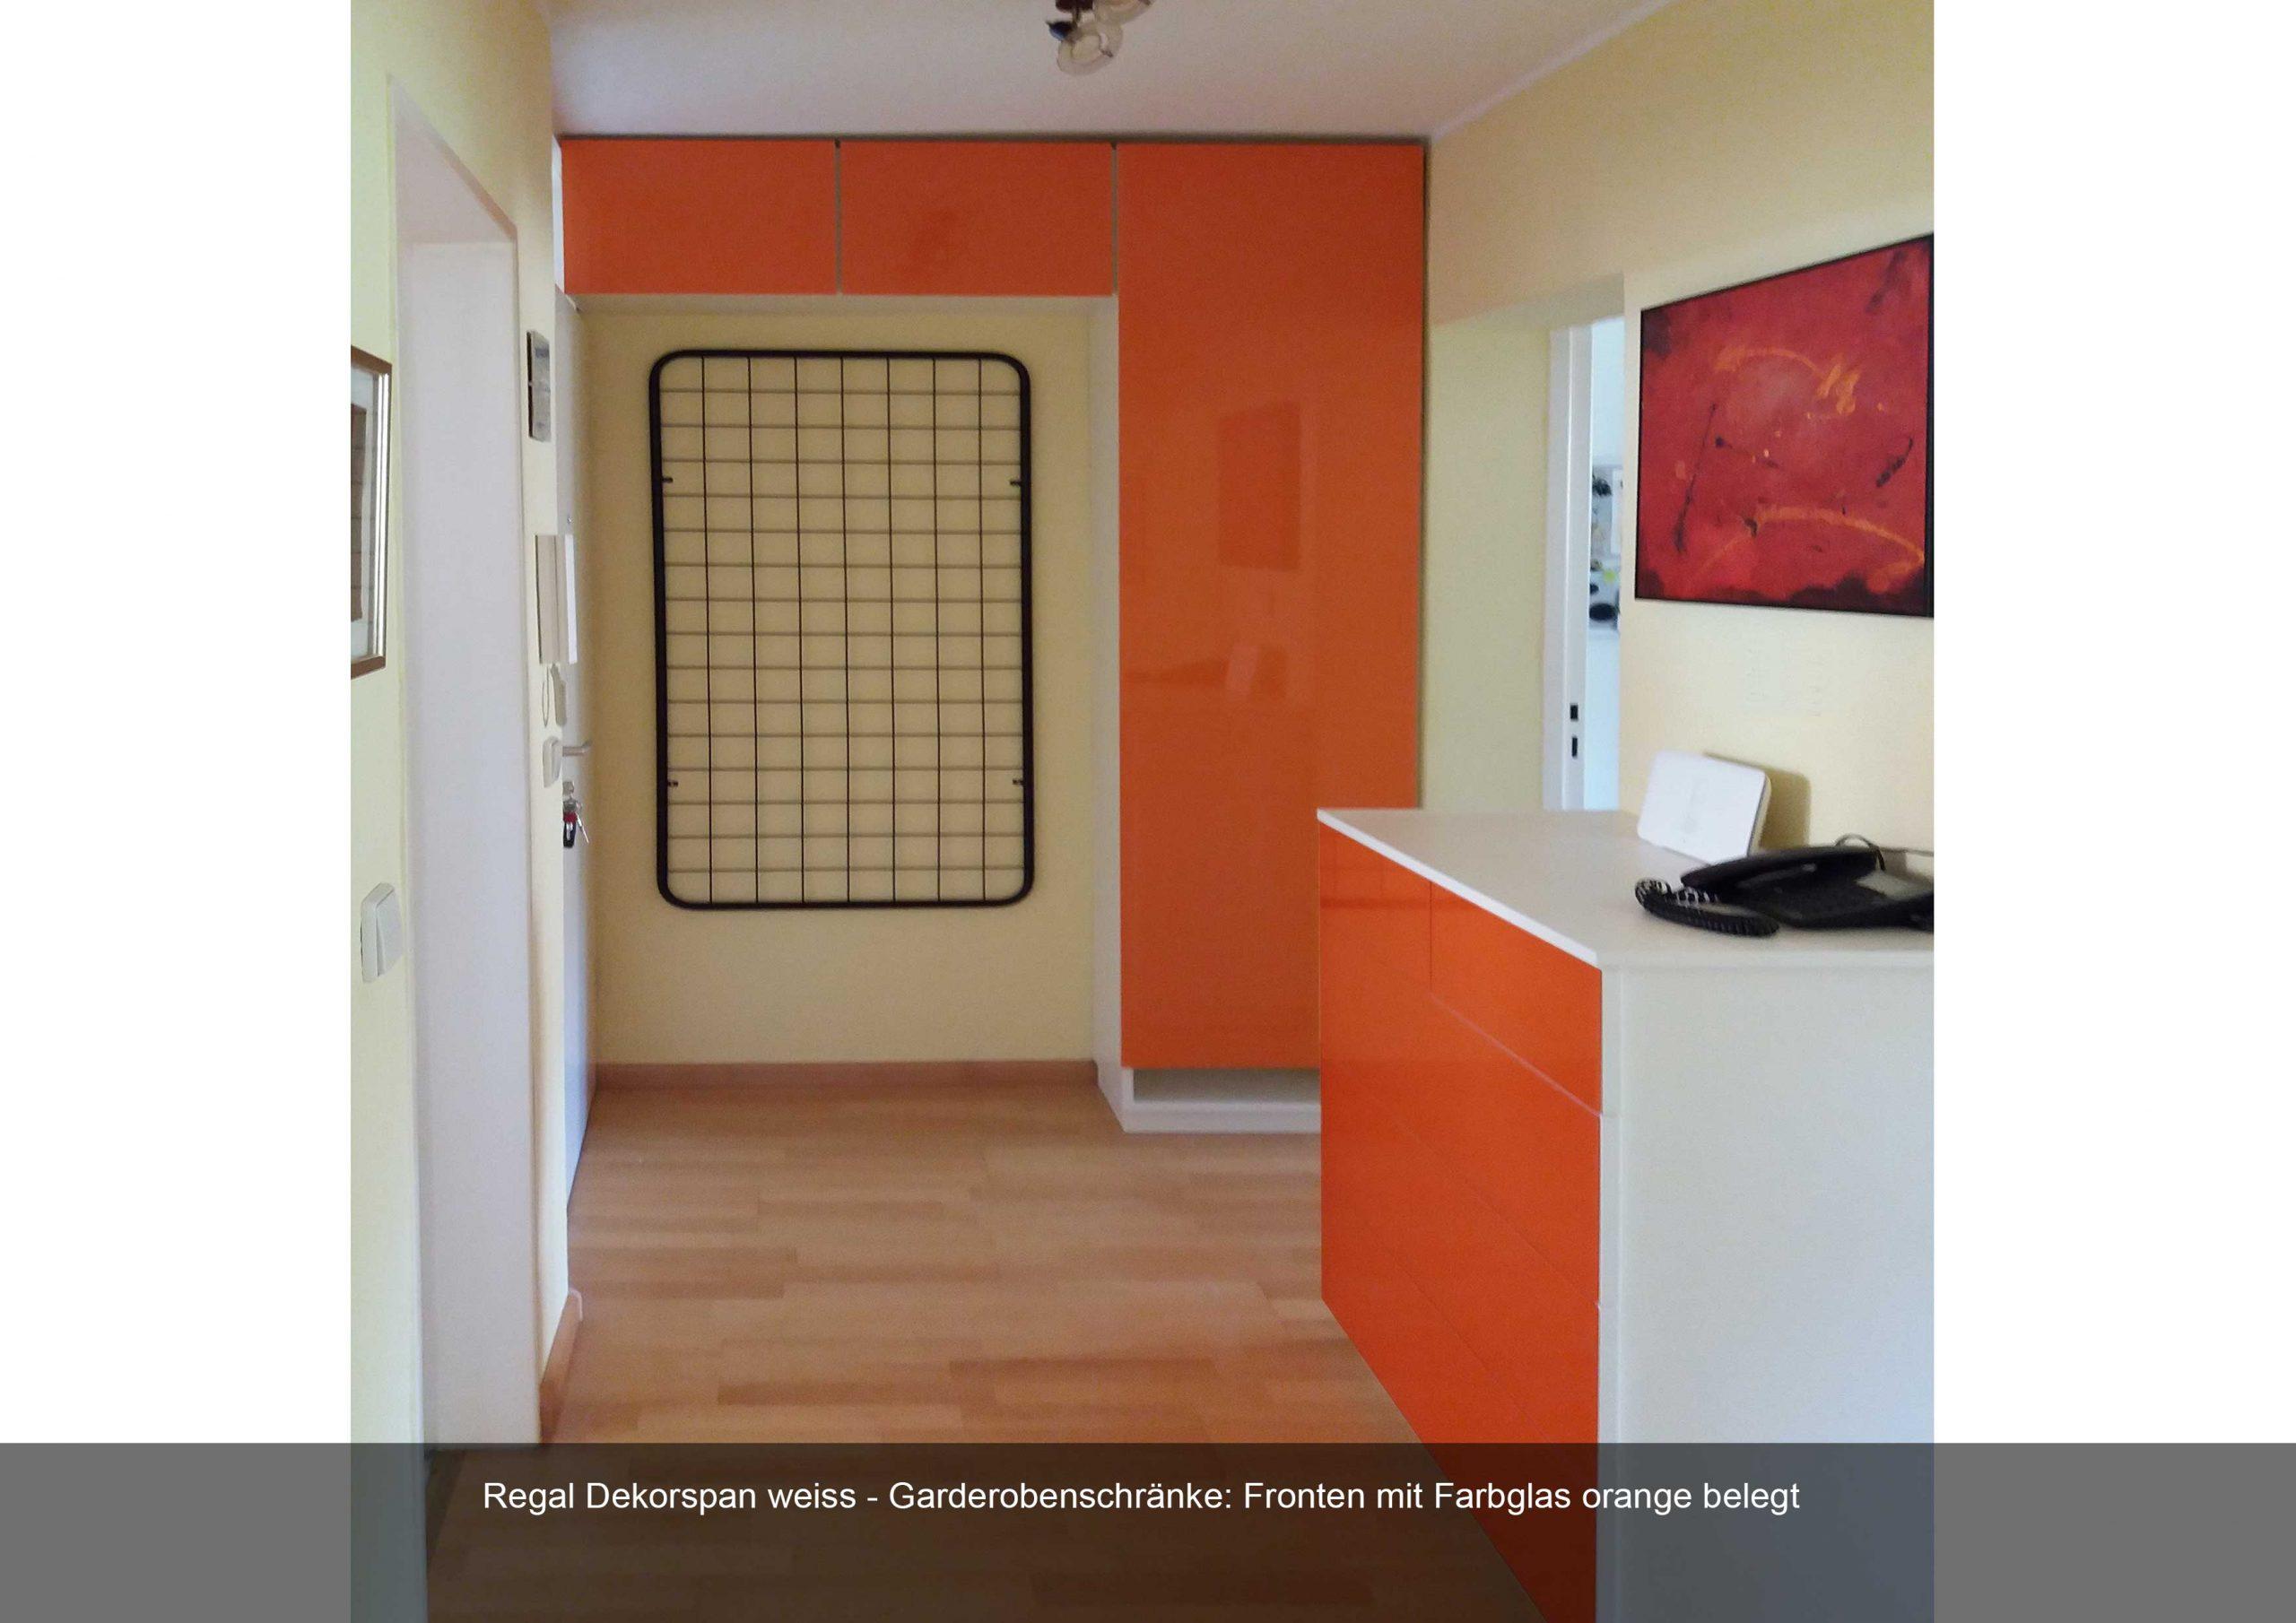 Flureinrichtung. Regal in Dekorspan weiss. Fronten in Farbglas orange